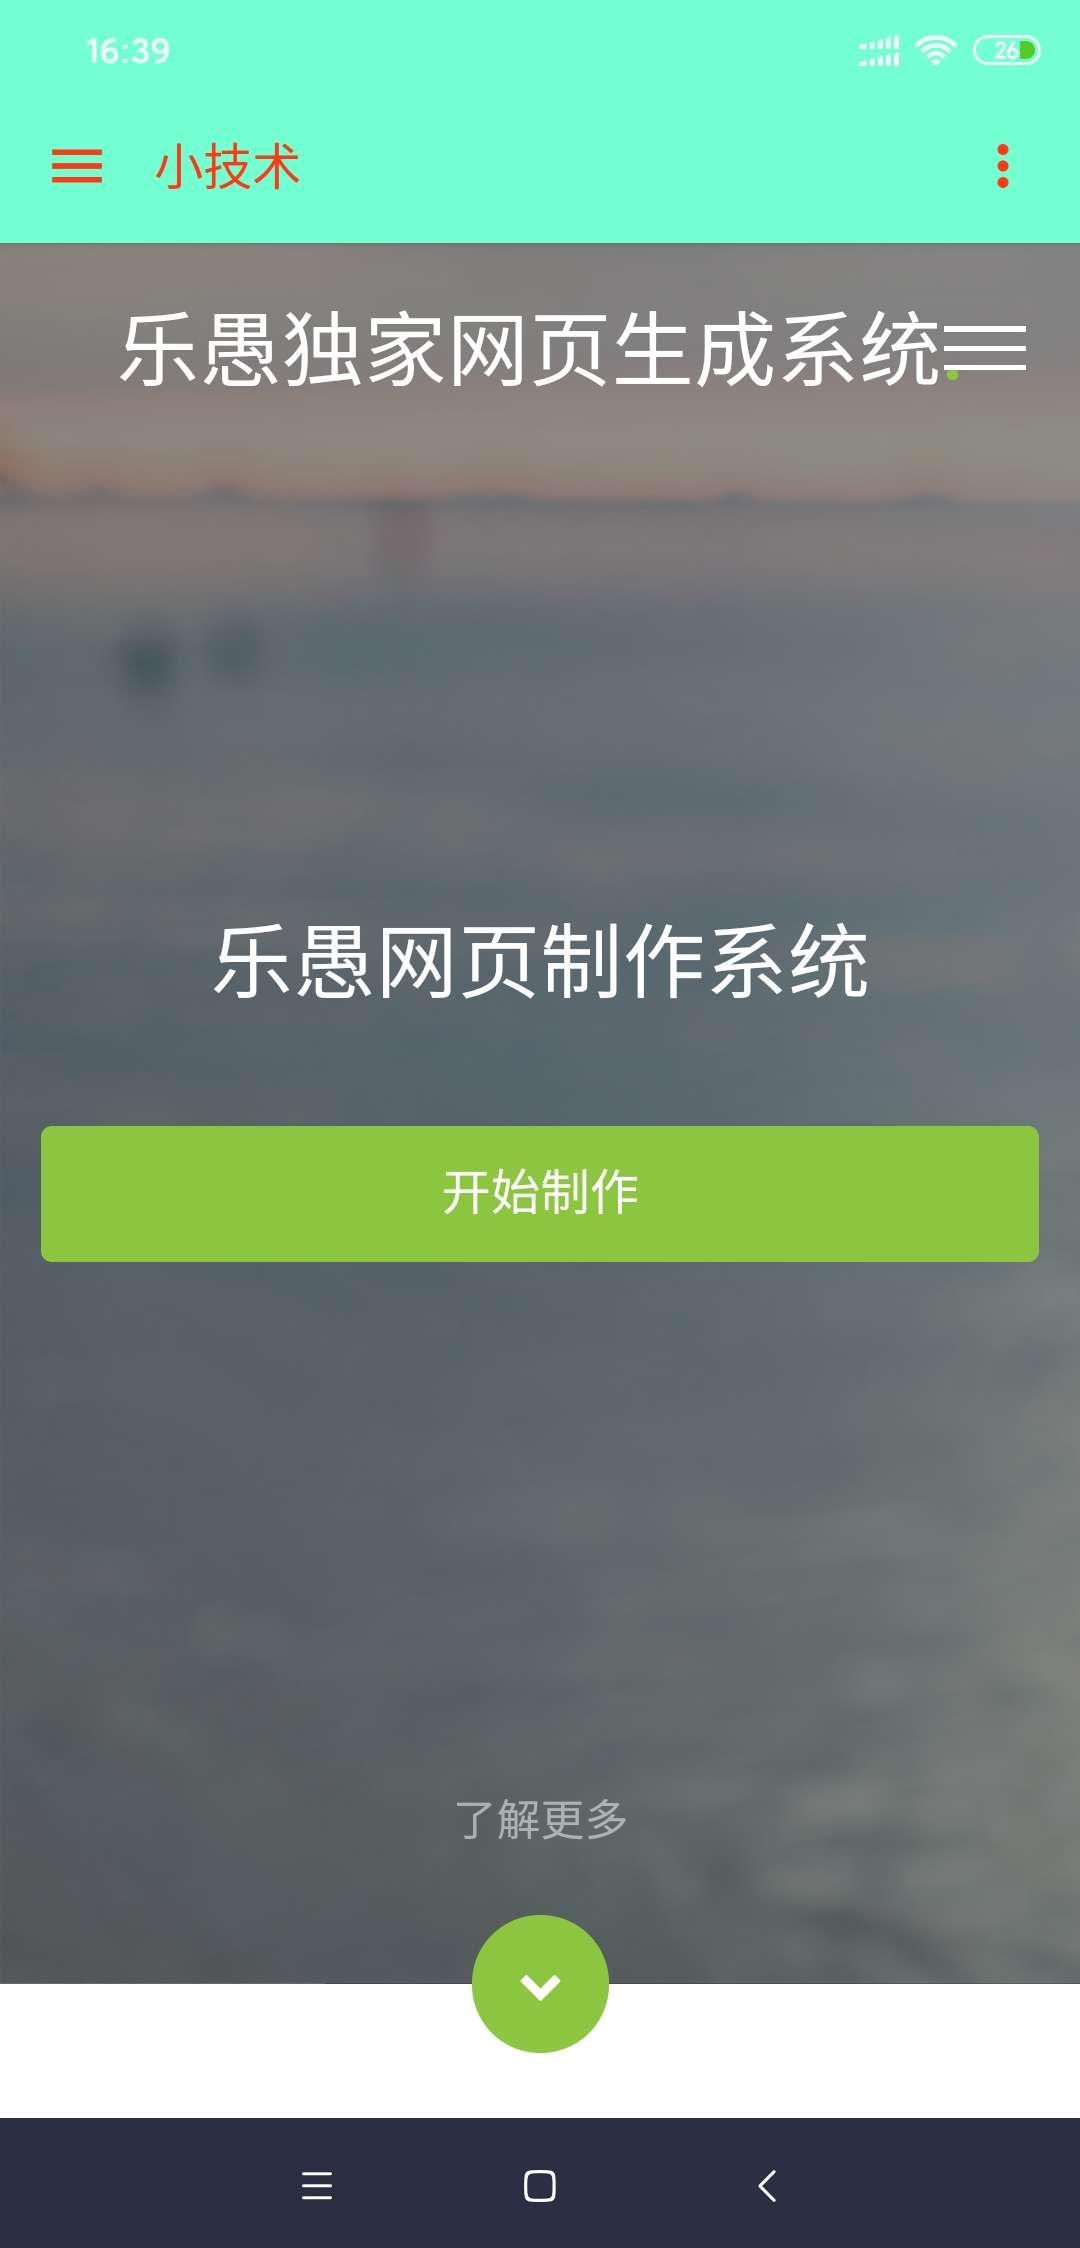 【原创软件】小技术1.0全新工具箱!